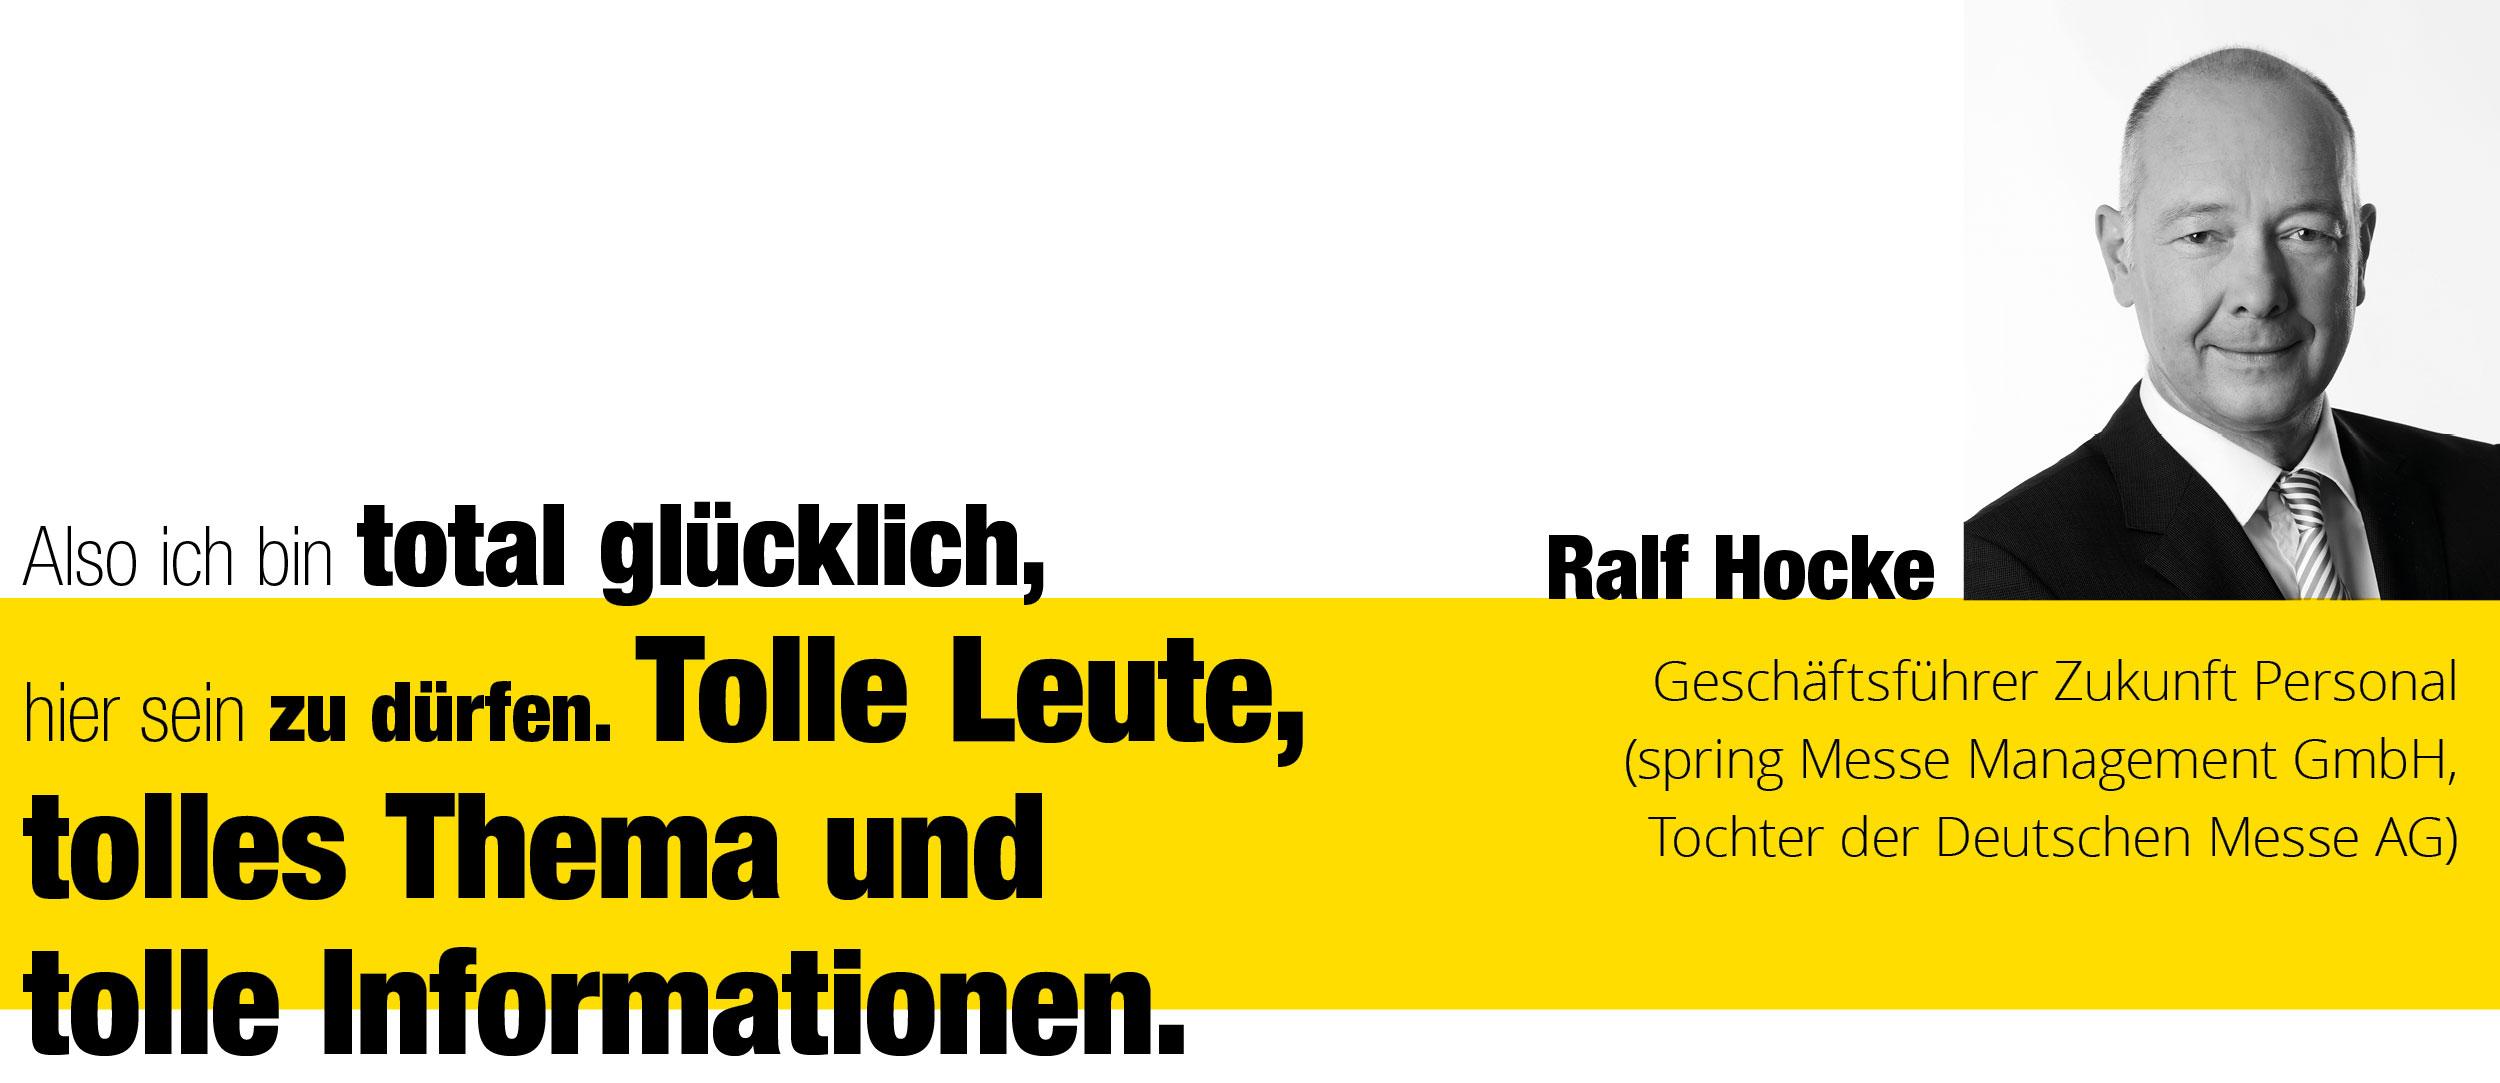 Zitat von Ralf Hocke